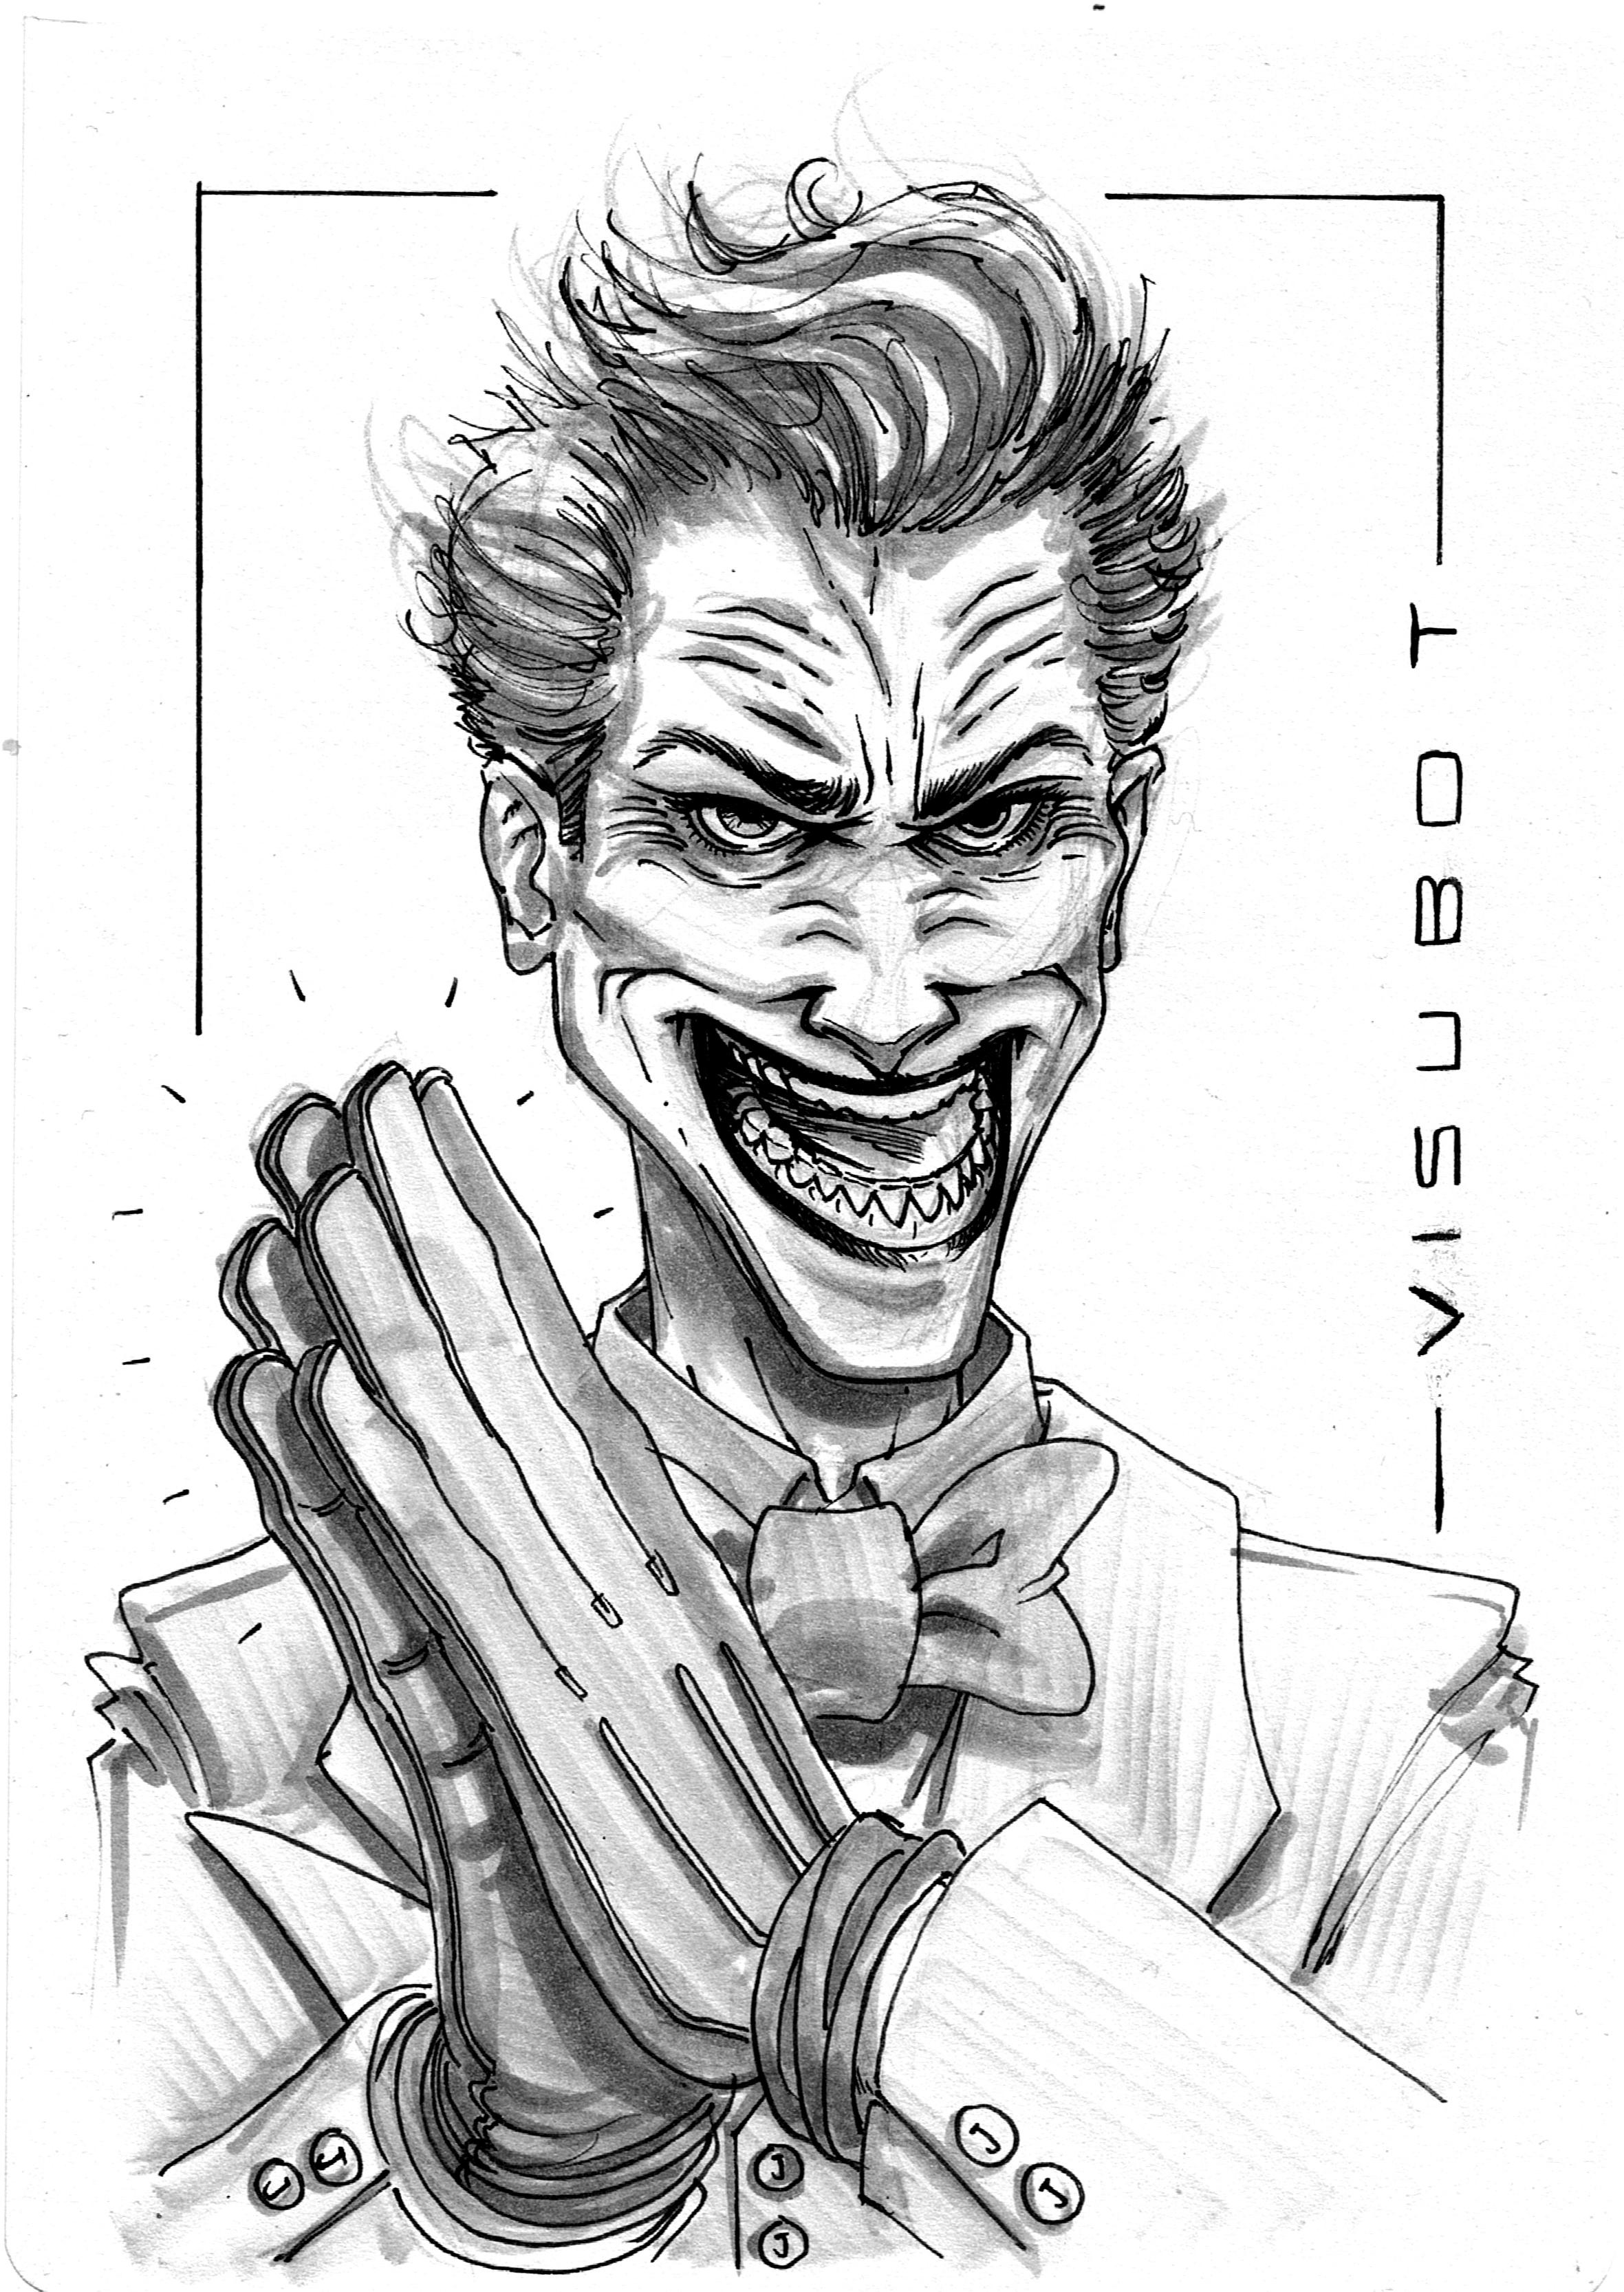 joker_sketch_hands.jpg